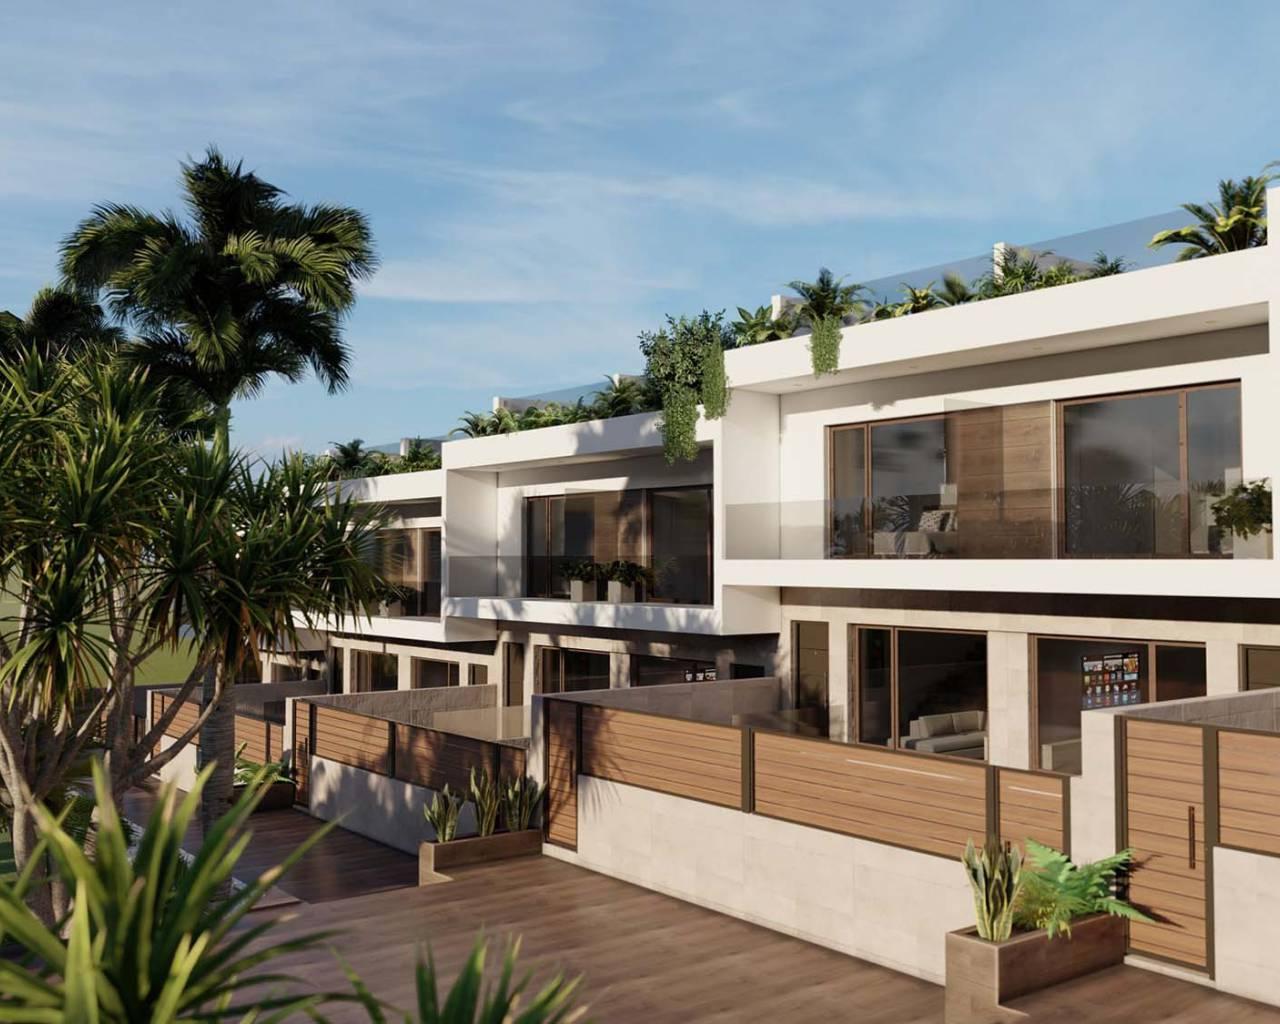 nieuwbouw-geschakelde-woning-duplex-torrevieja-los-balcones_5344_xl